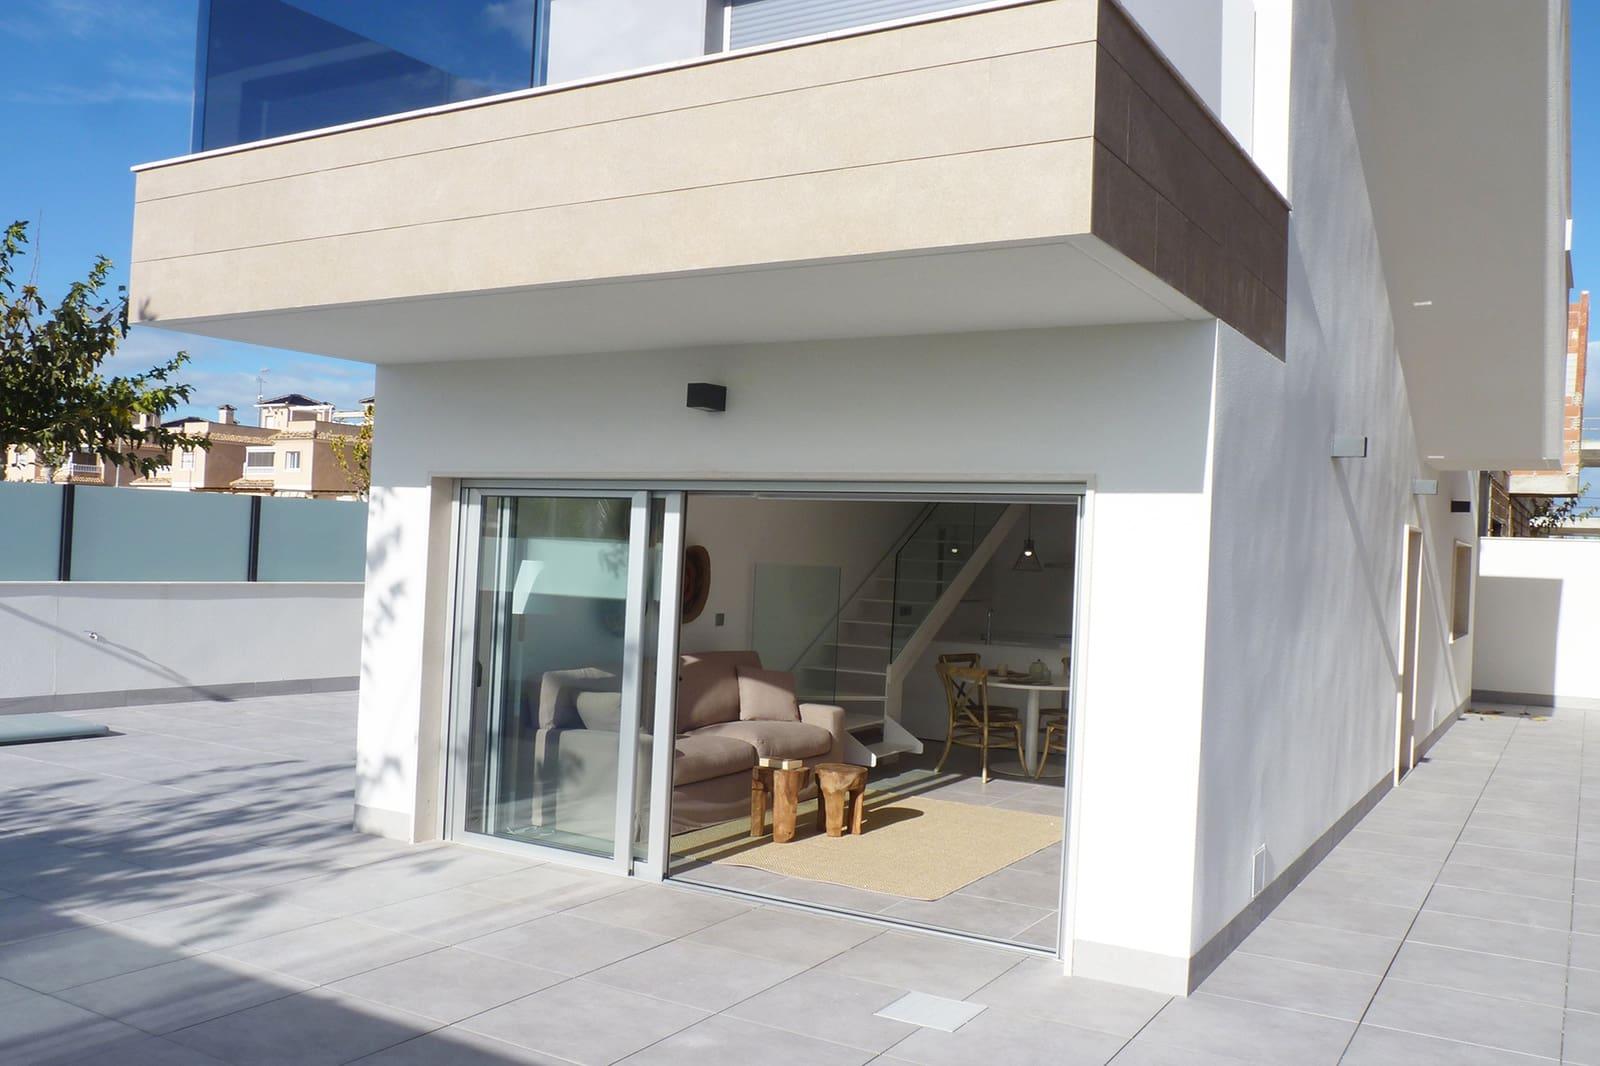 Chalet de 3 habitaciones en Pilar de la Horadada en venta con piscina - 320.000 € (Ref: 4960364)